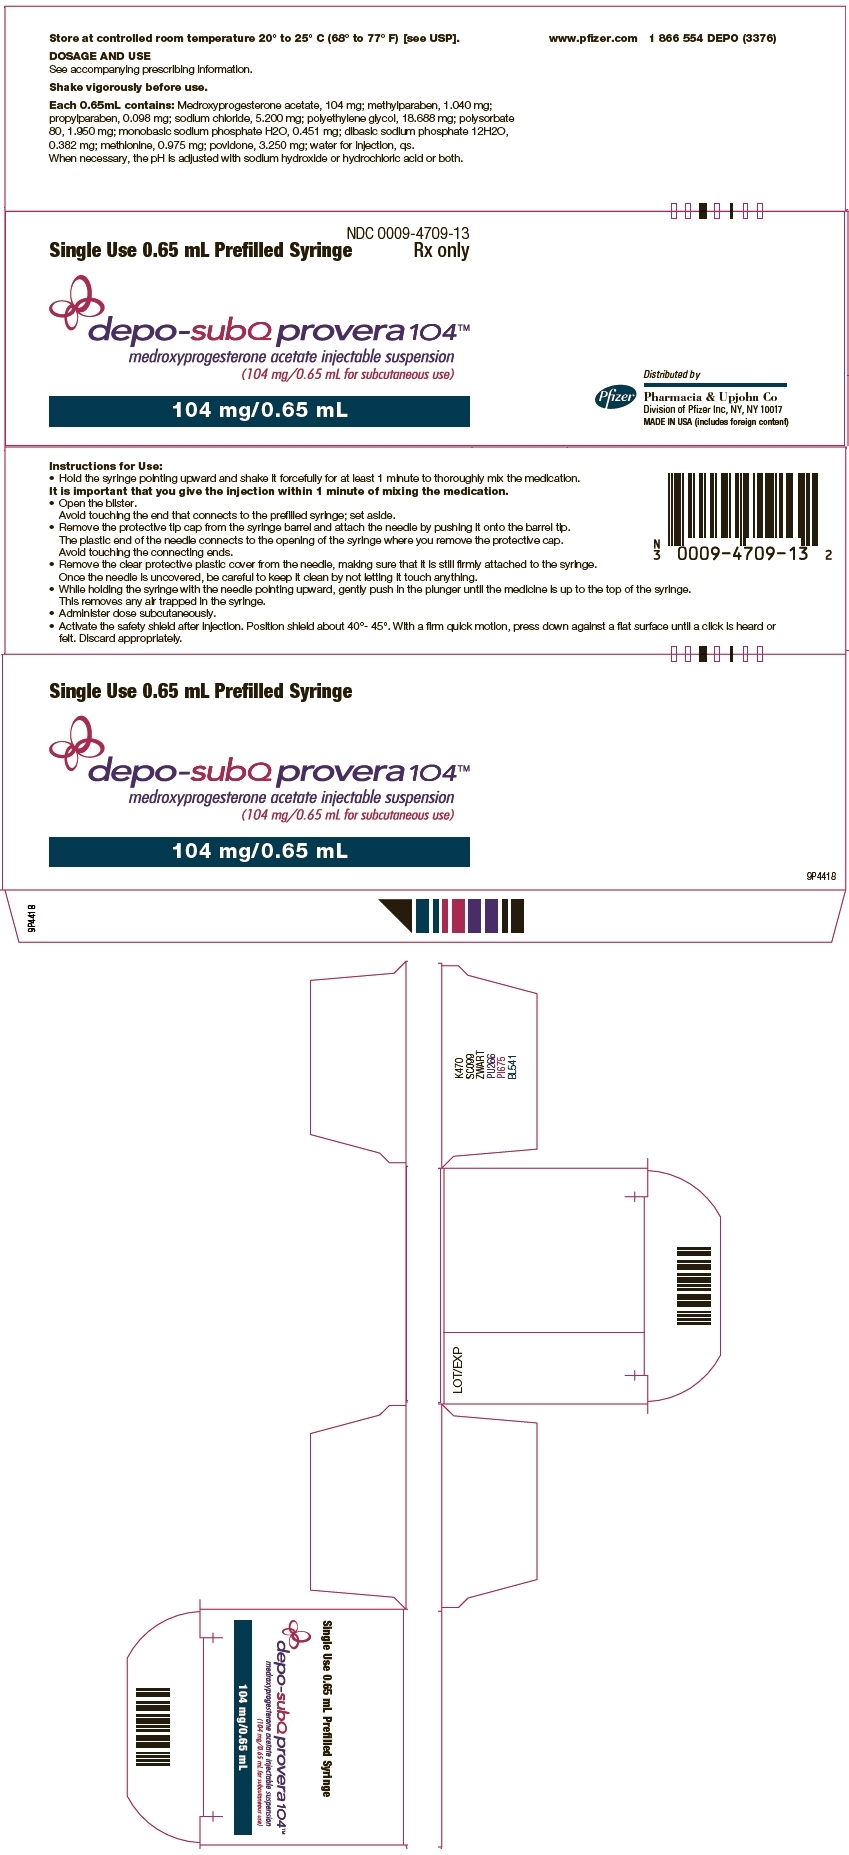 Ndc 0009-4709 Depo-Subq Provera Medroxyprogesterone Acetate